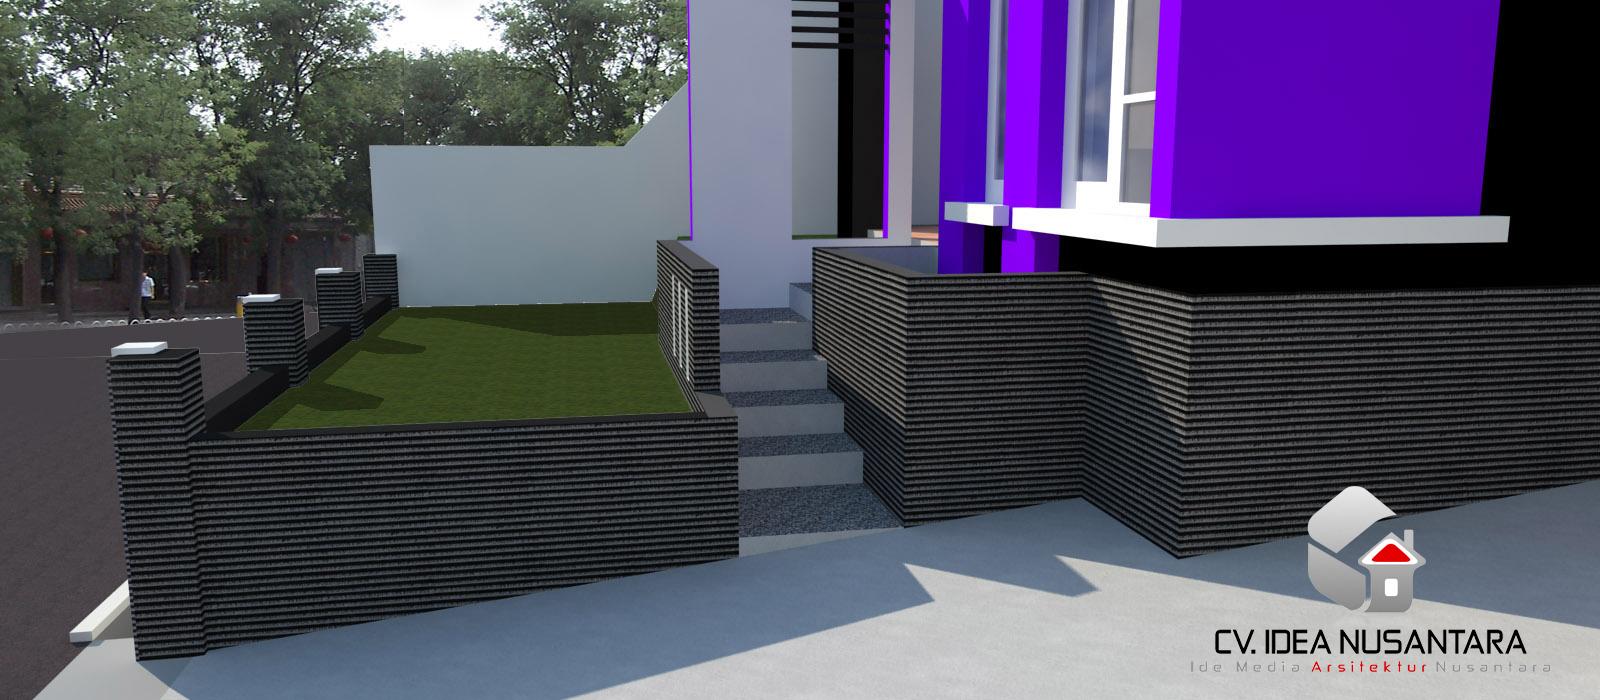 Ide Antara Konsultan Jasa Arsitektur Desain Interior Dan Furniture Di Malang